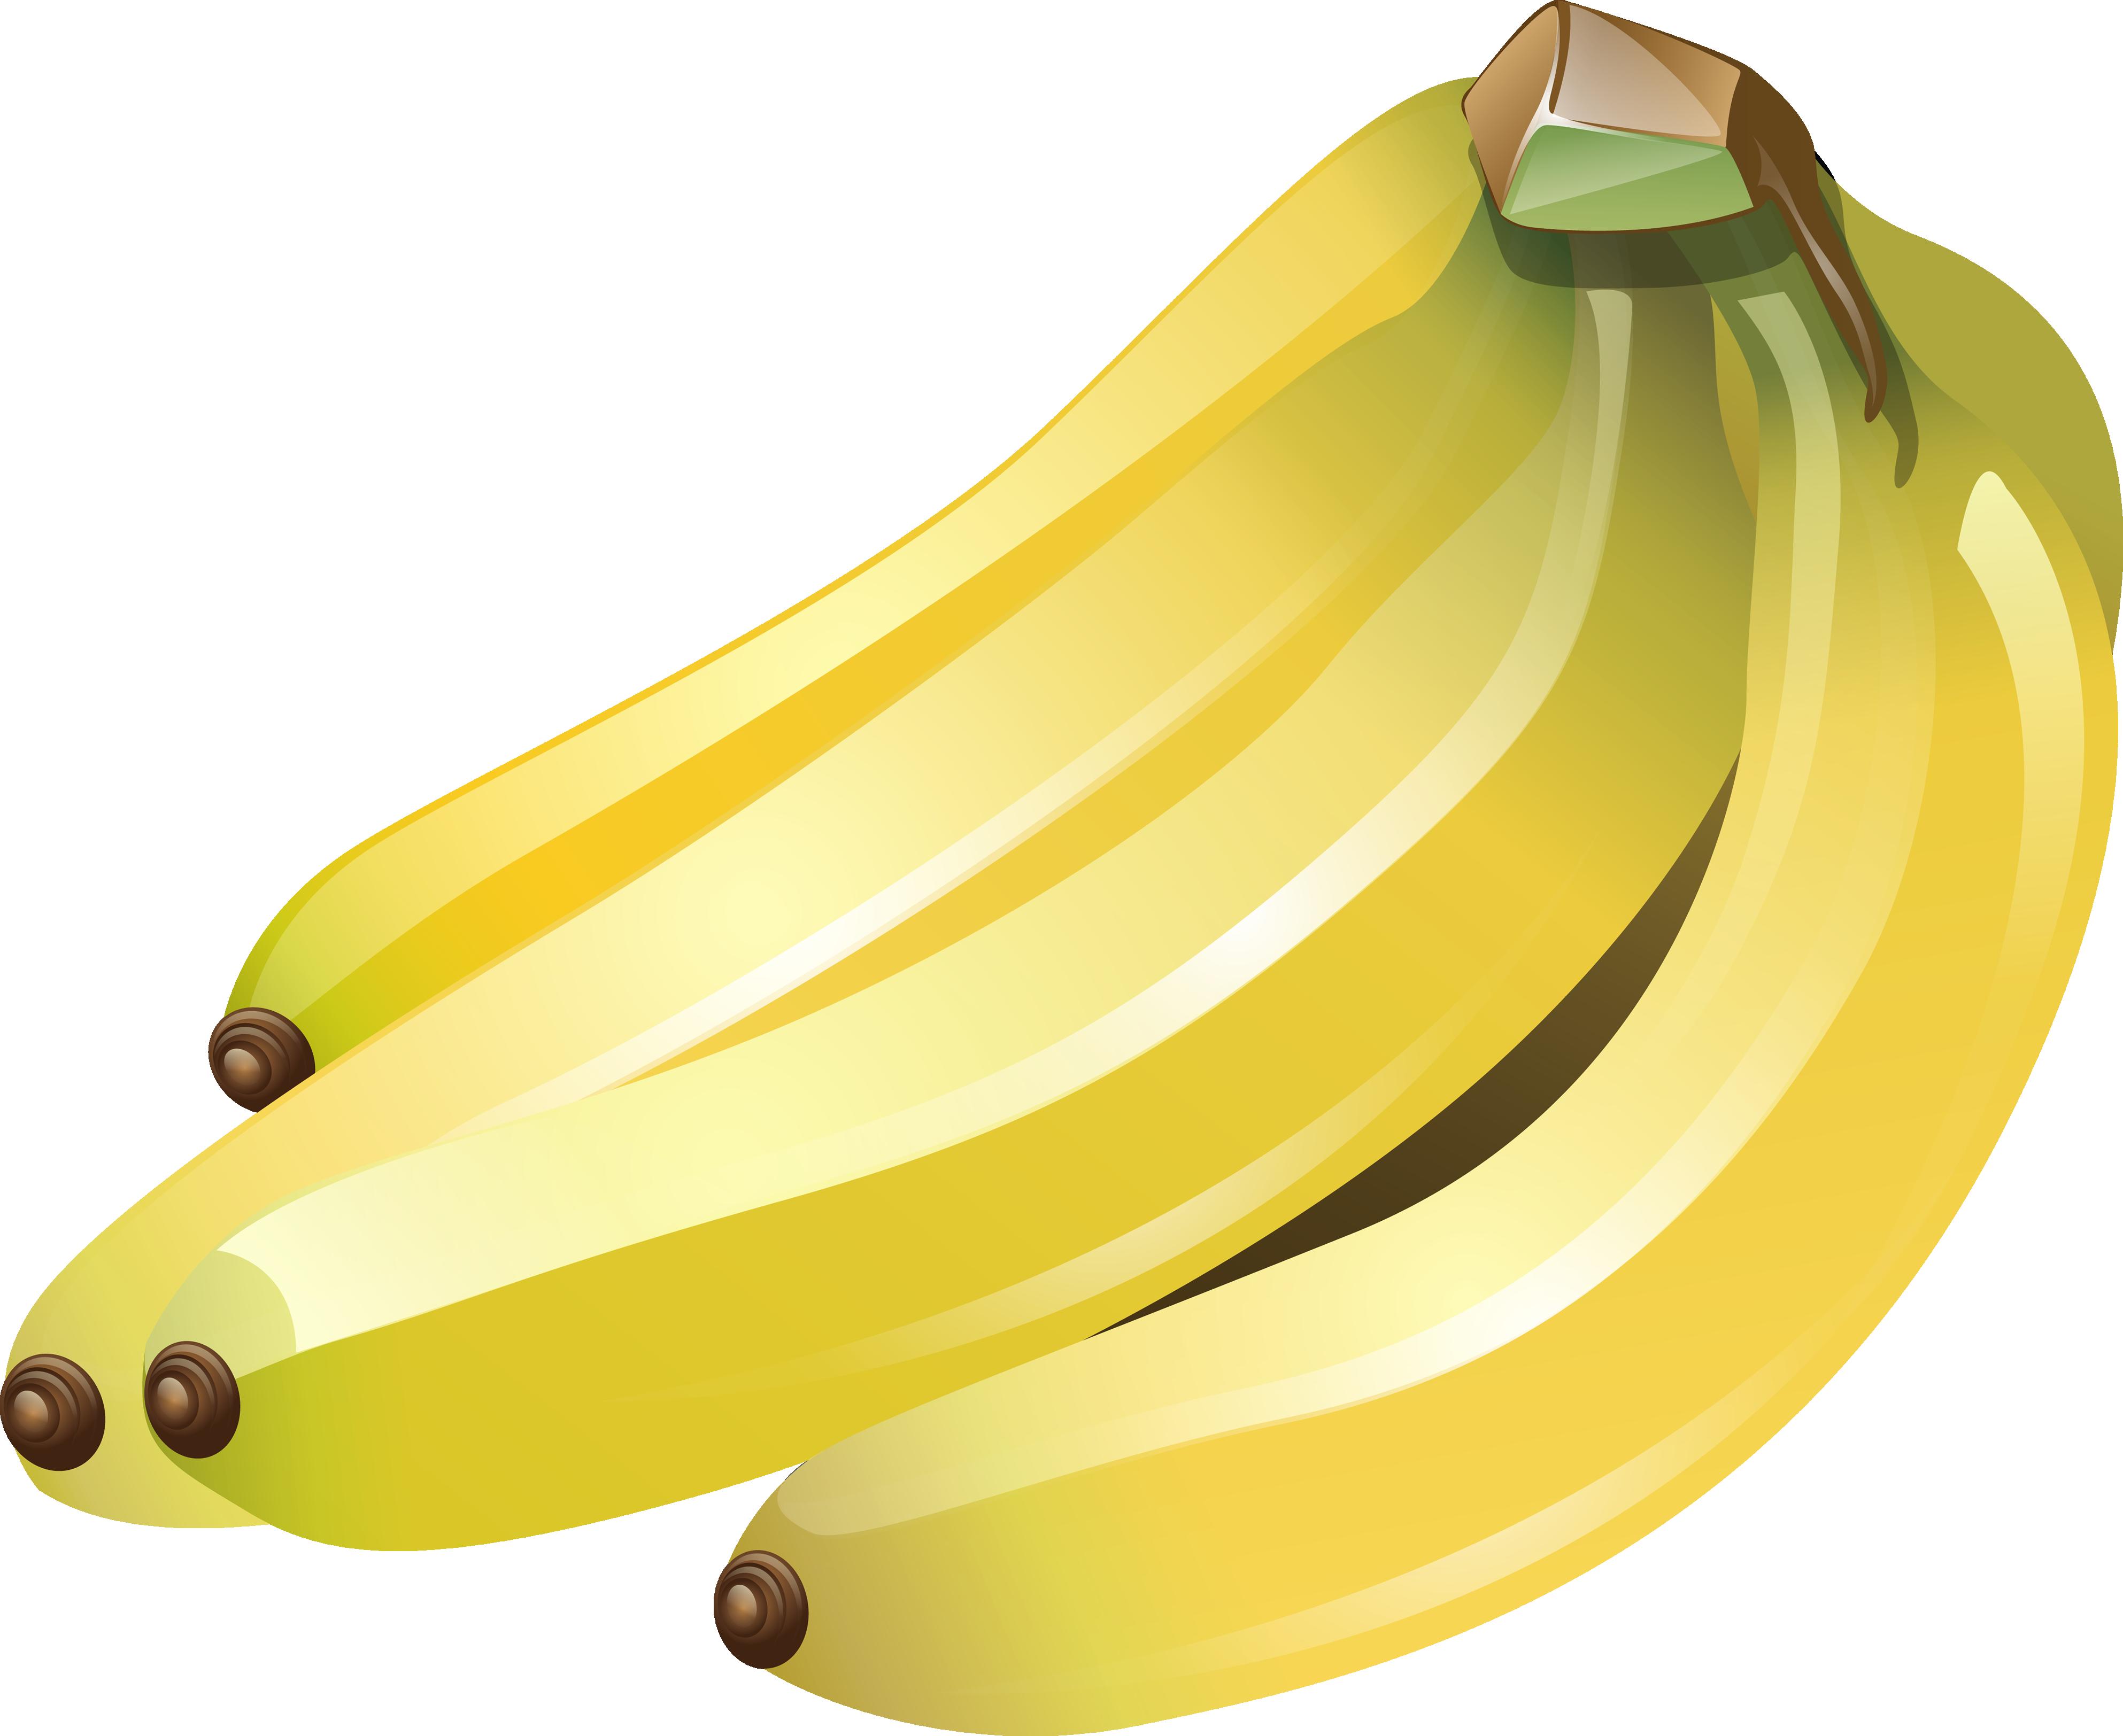 banana PNG image